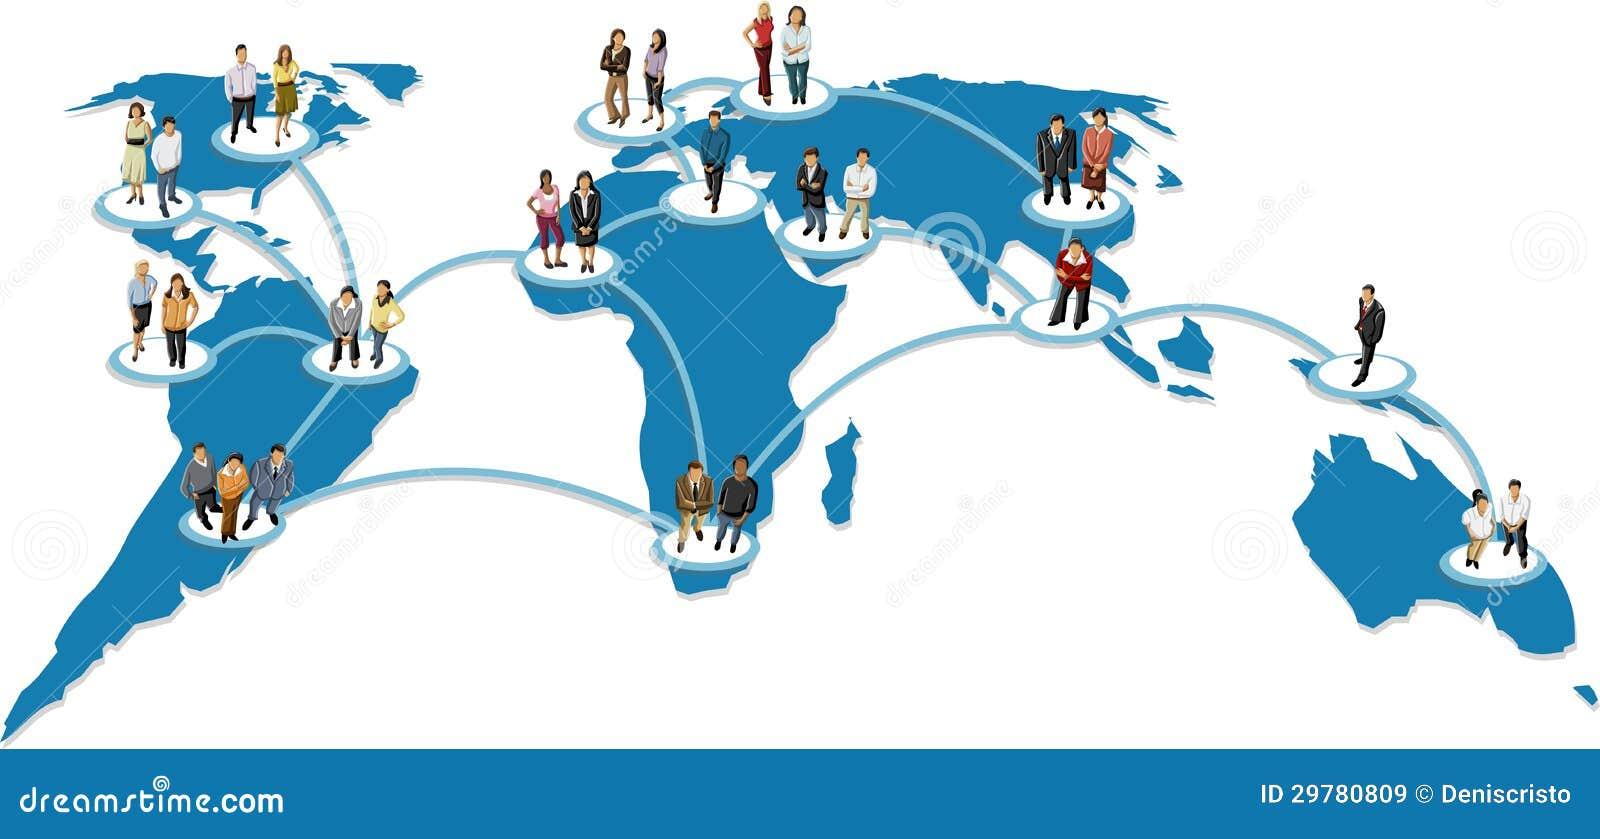 在地球地球的被联络的人. 社会网络.图片